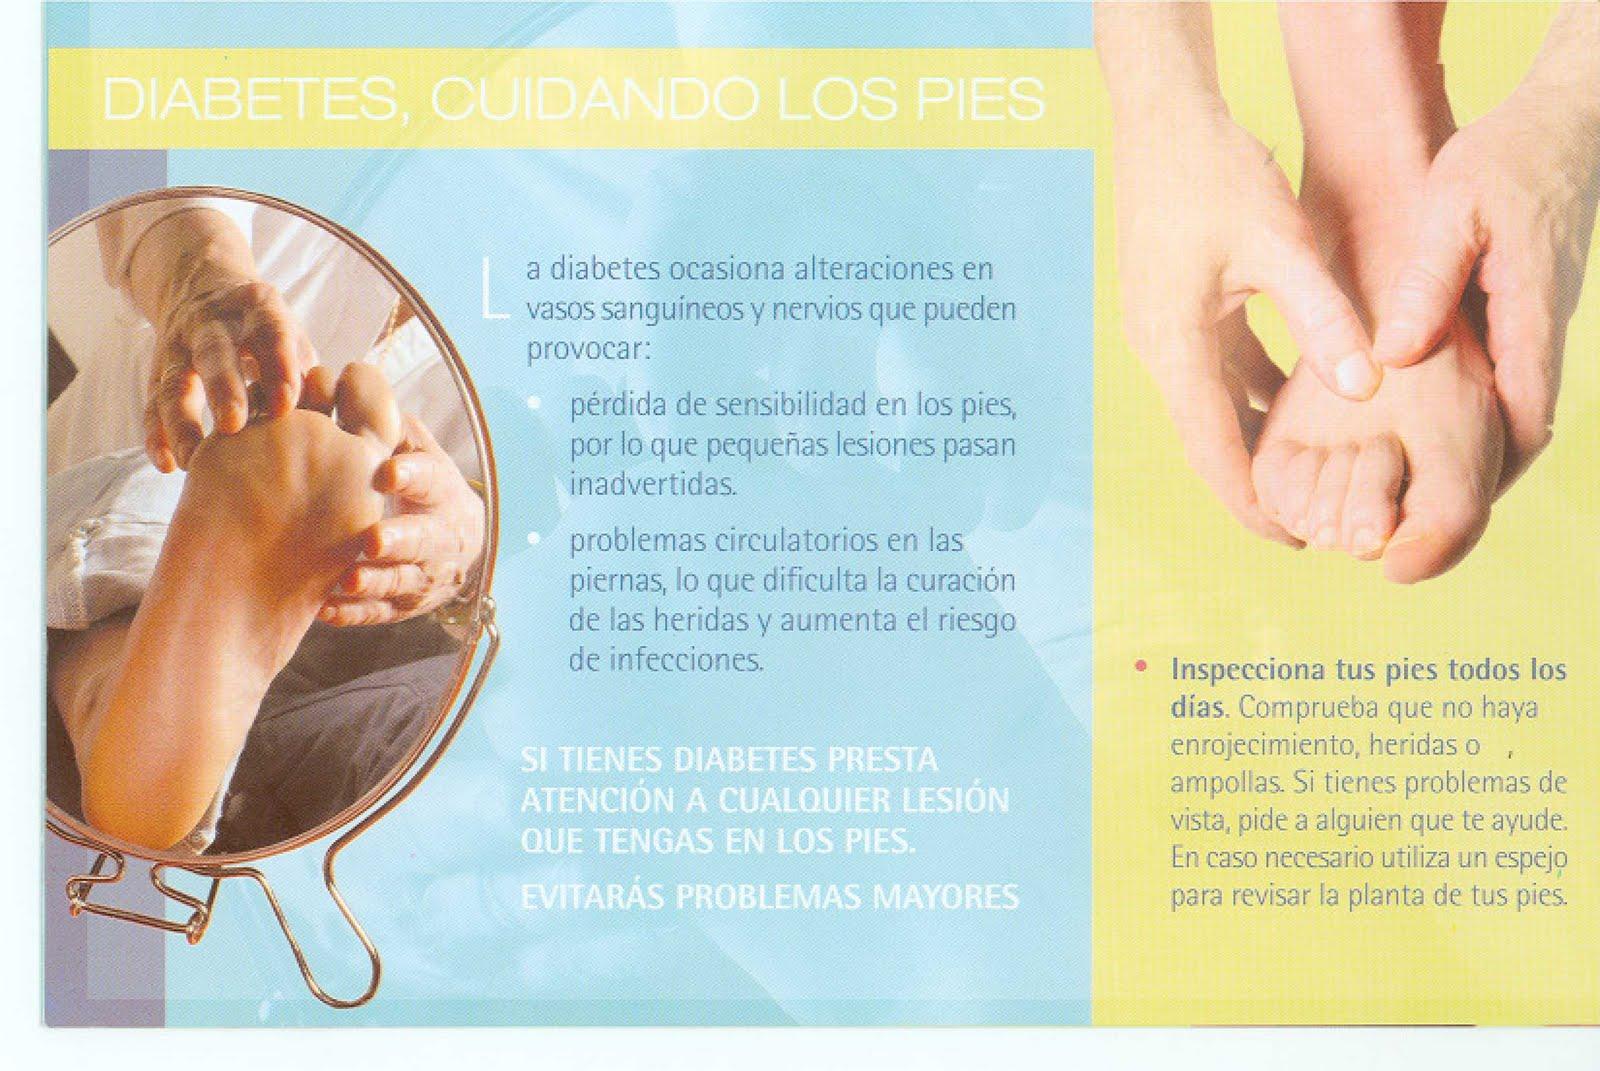 Es de vital importancia un correcto cuidado de los pies en la Diabetes